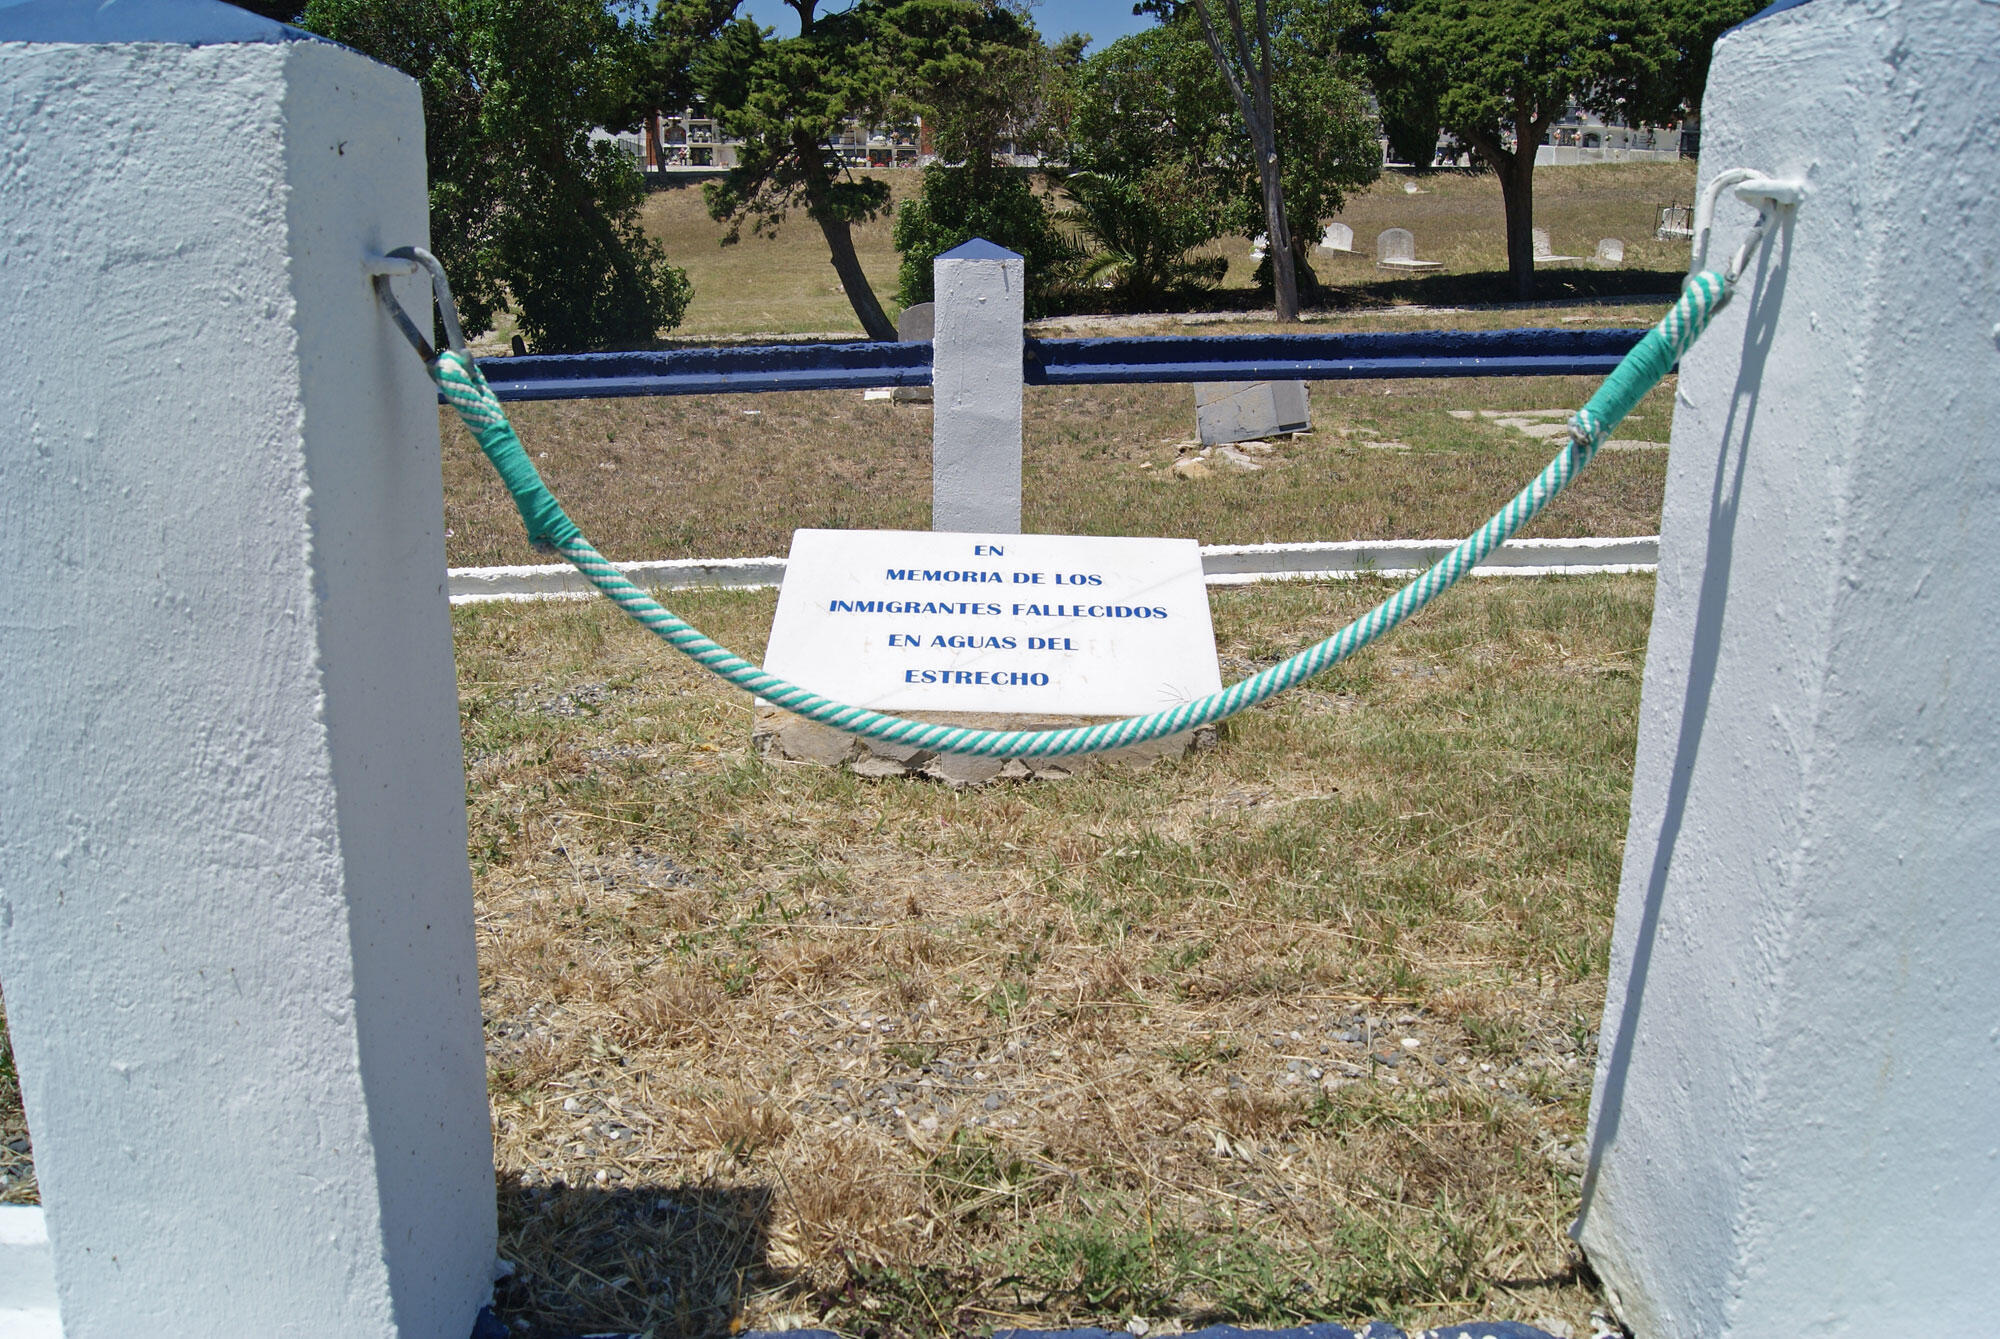 La fosse commune du cimetière de Tarifa où sont enterrés les corps que personne n'a réclamé après cinq ou dix ans. Sur la plaque commémorative, l'inscription suivante: «En mémoire des migrants disparus dans le détroit de Gibraltar».